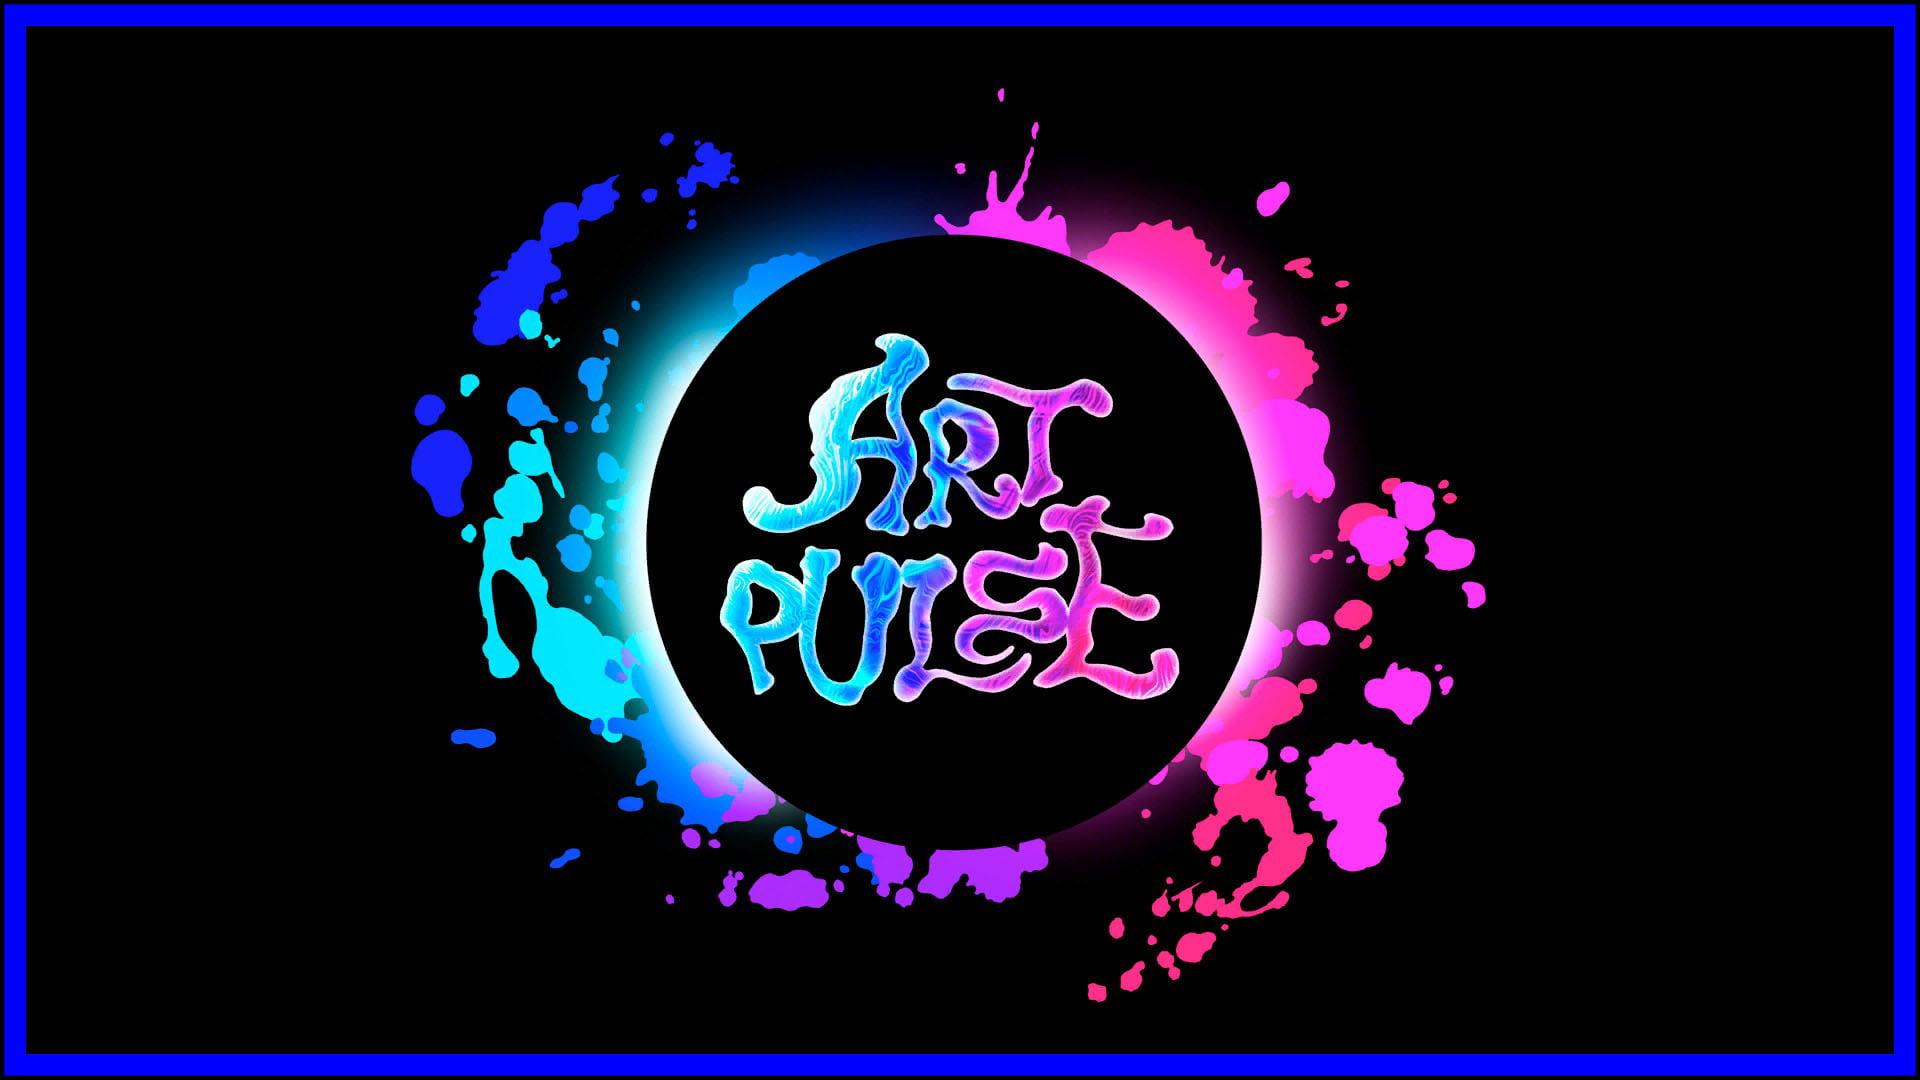 Art Pulse Fi3